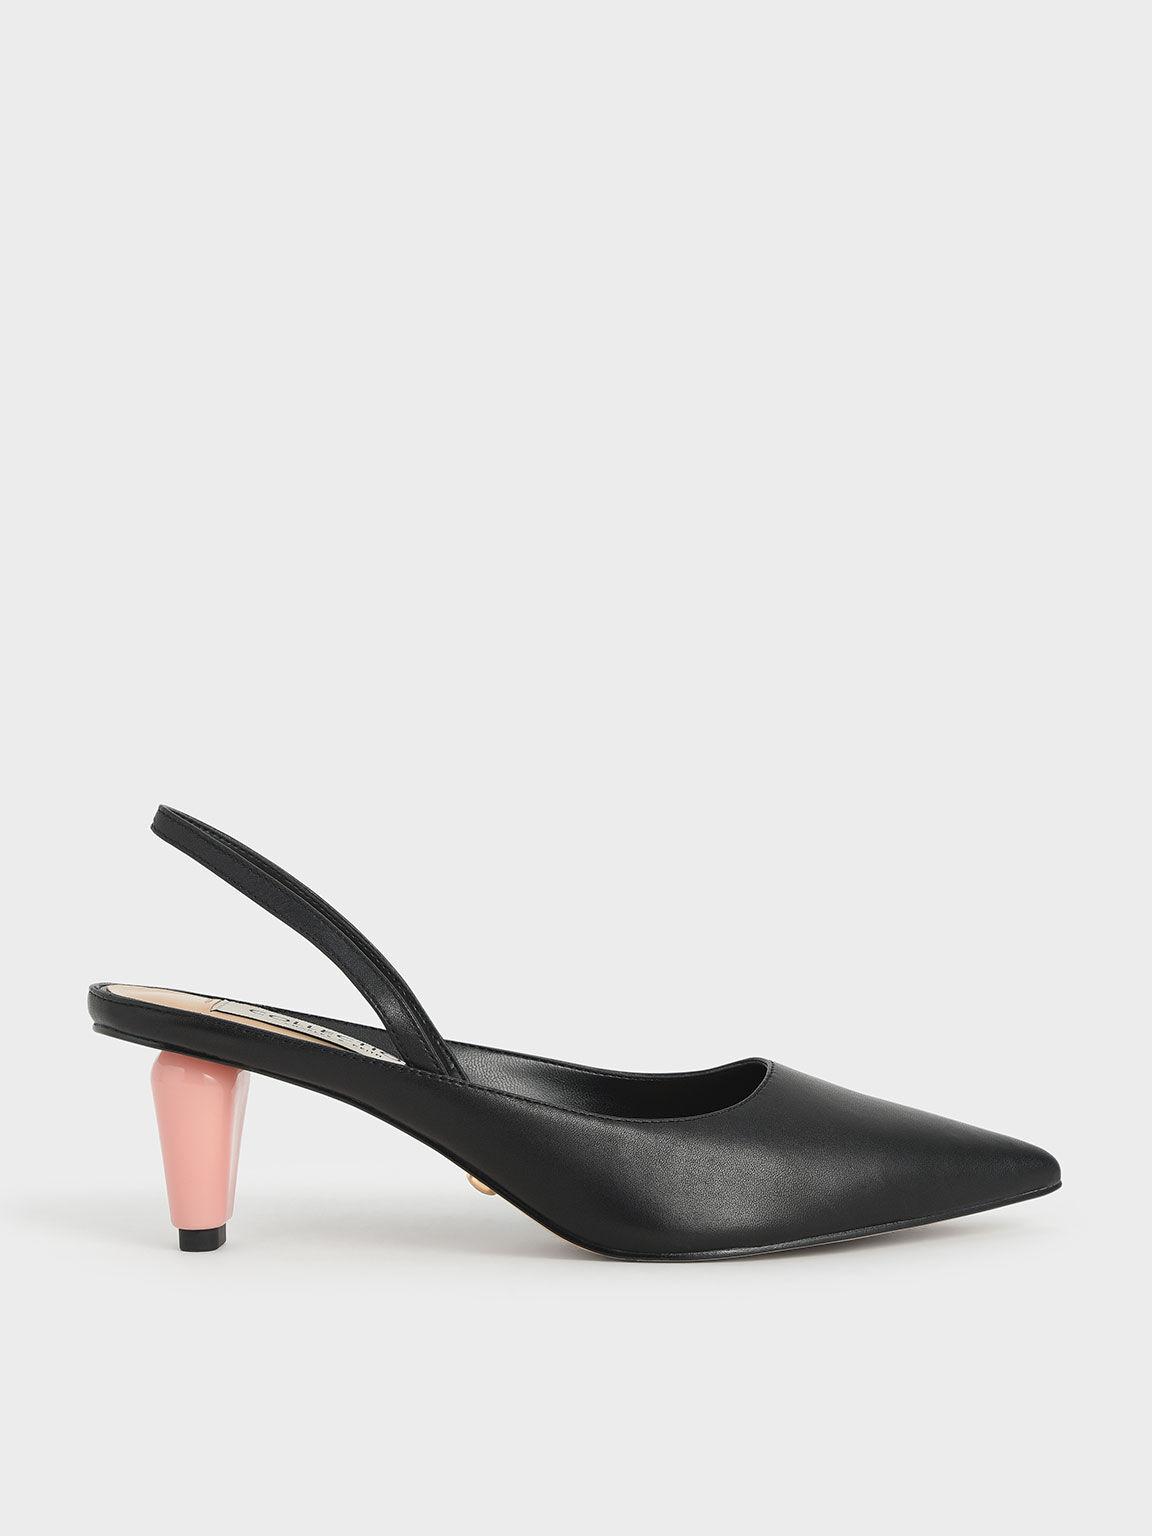 Leather Sculptural Heel Slingback Pumps, Black, hi-res